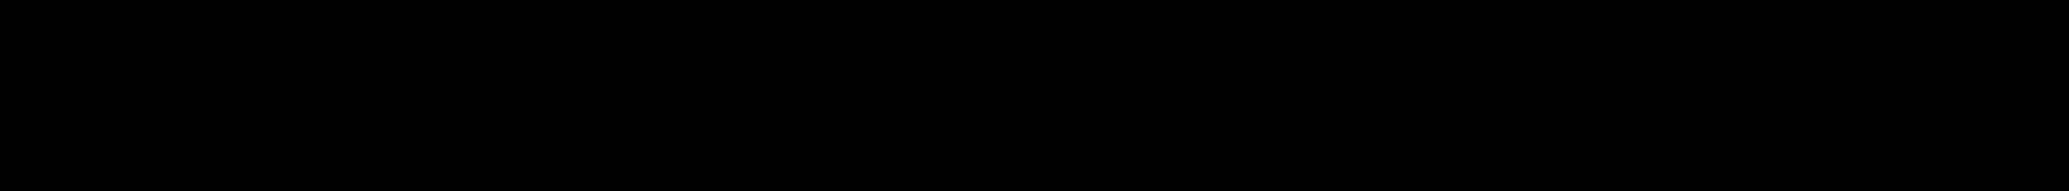 Design System D 700R